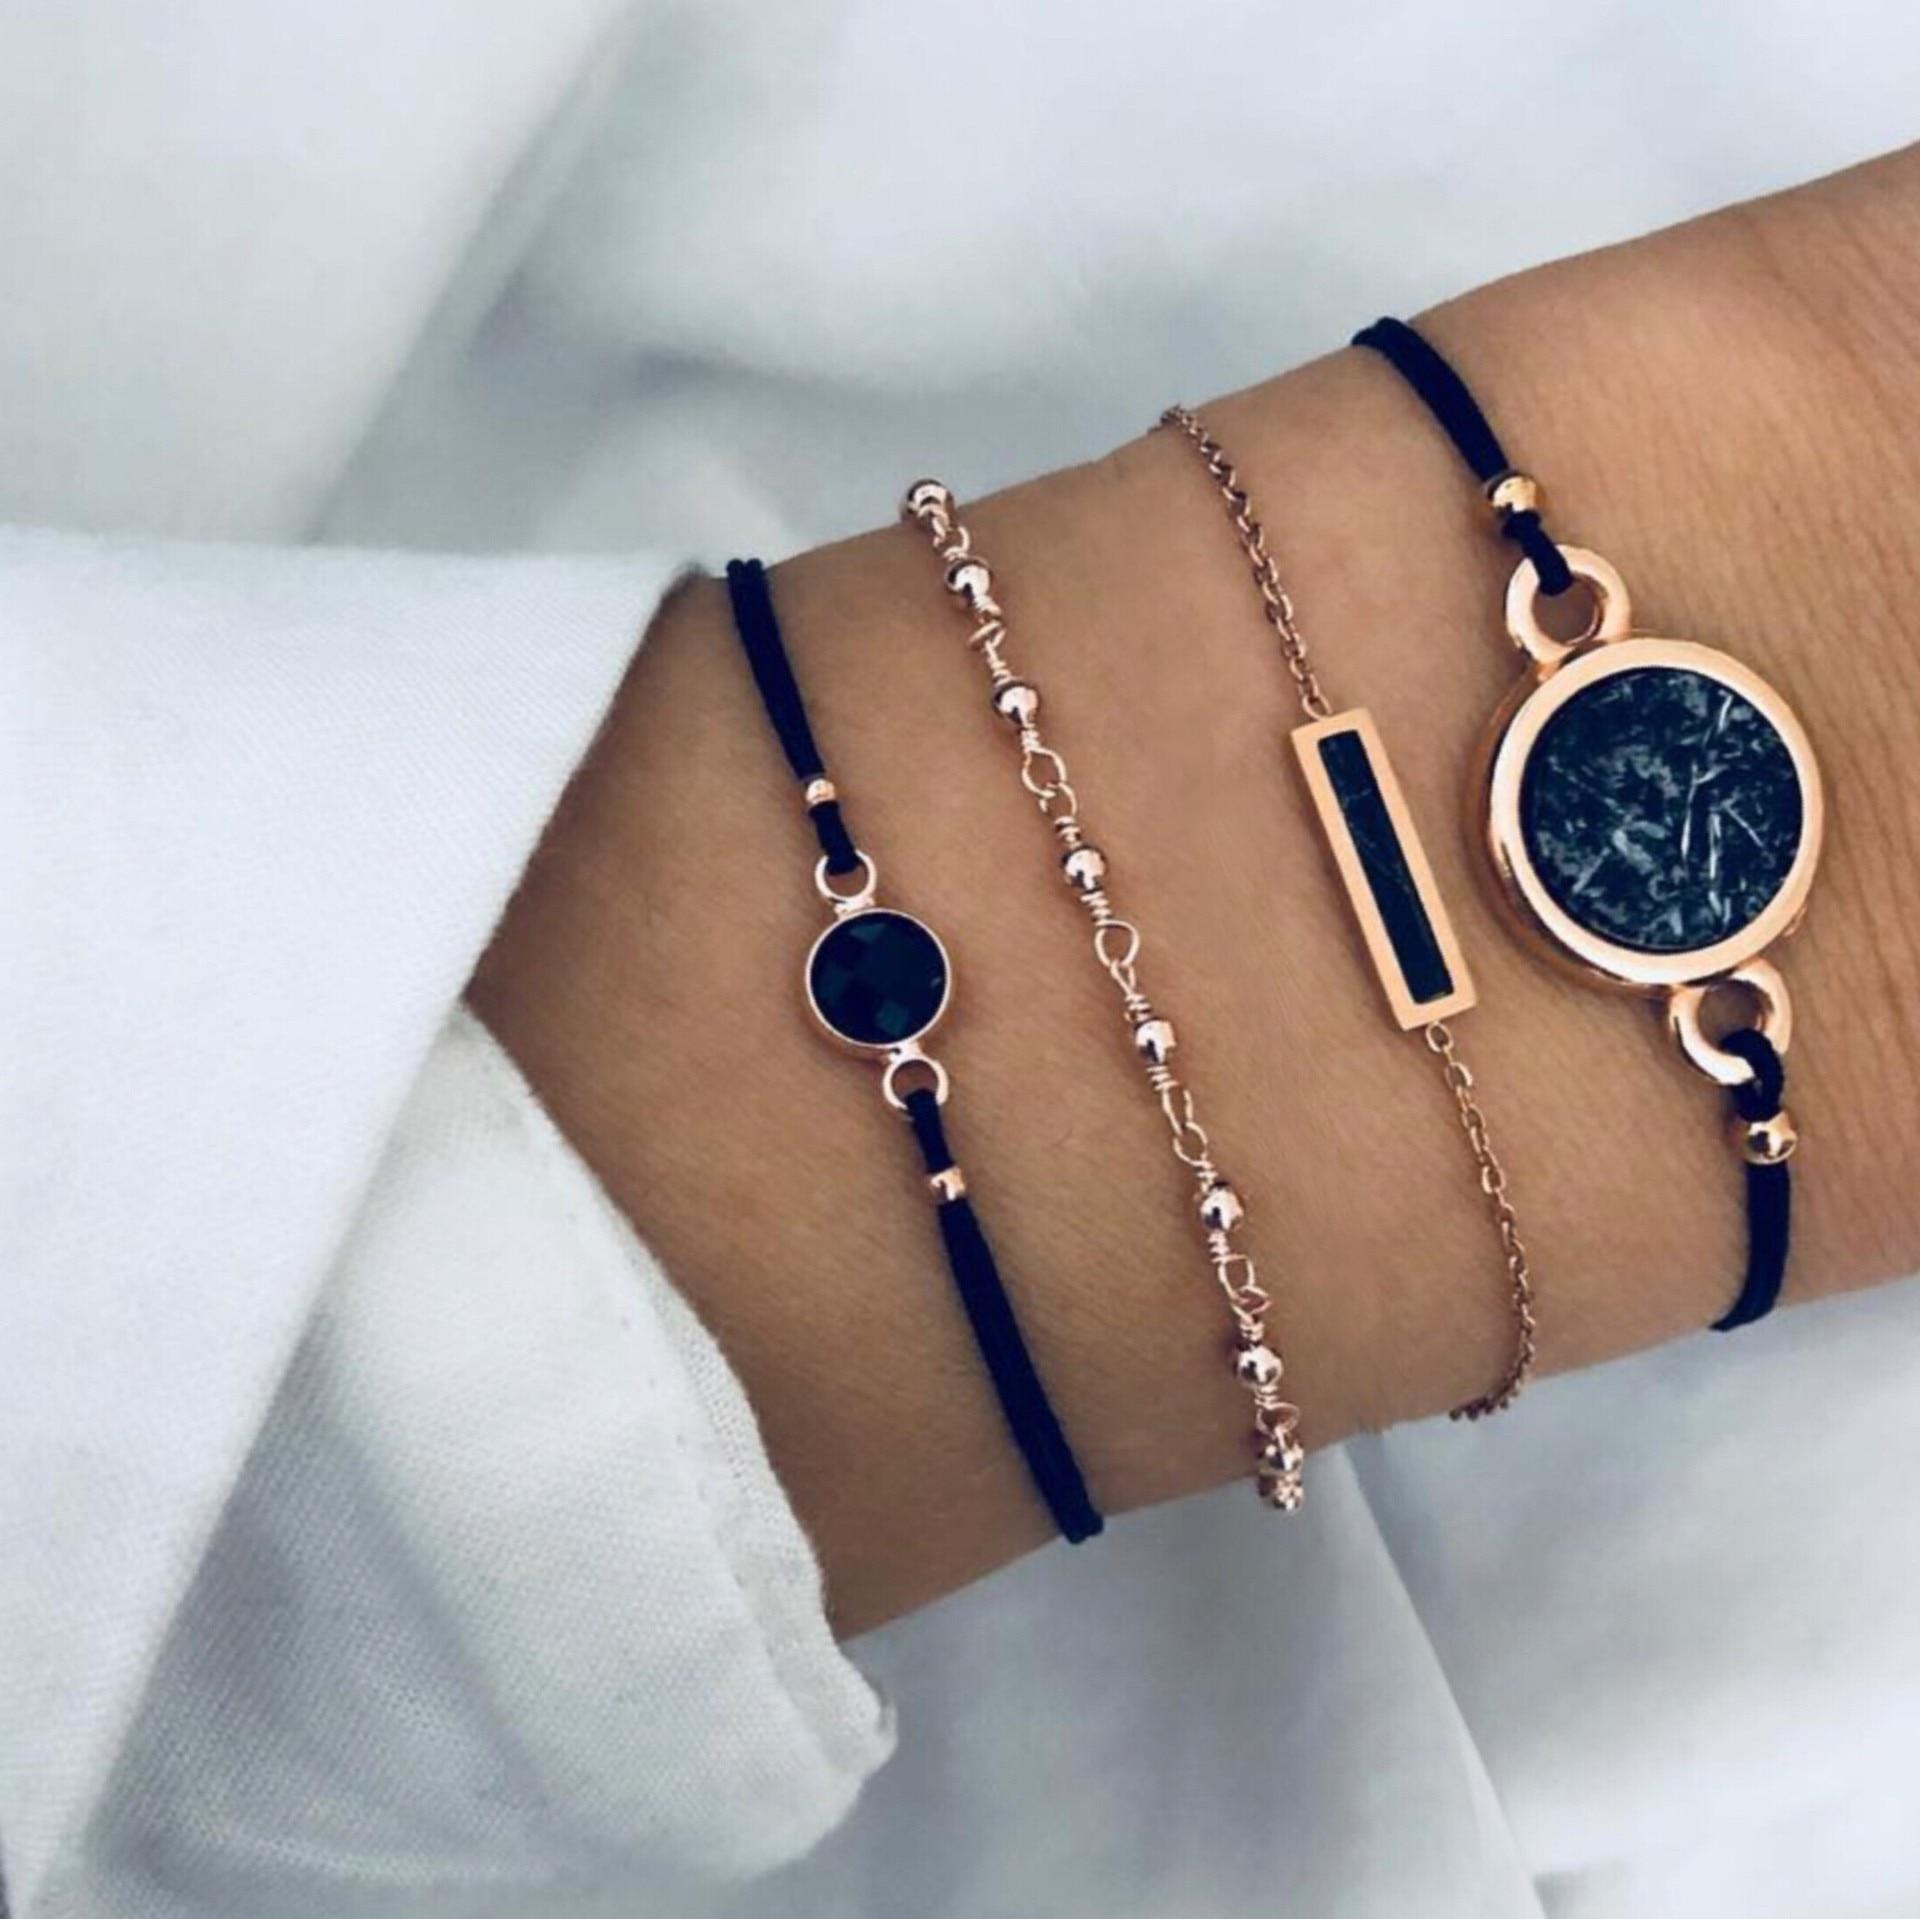 [해외]2019 New Bohemian Marble Stone Beads Bracelet Set For Women Natural Stone Pendant Bangles Bracelet Femme Jewelry Gift Wholesale/2019 New Bohemian